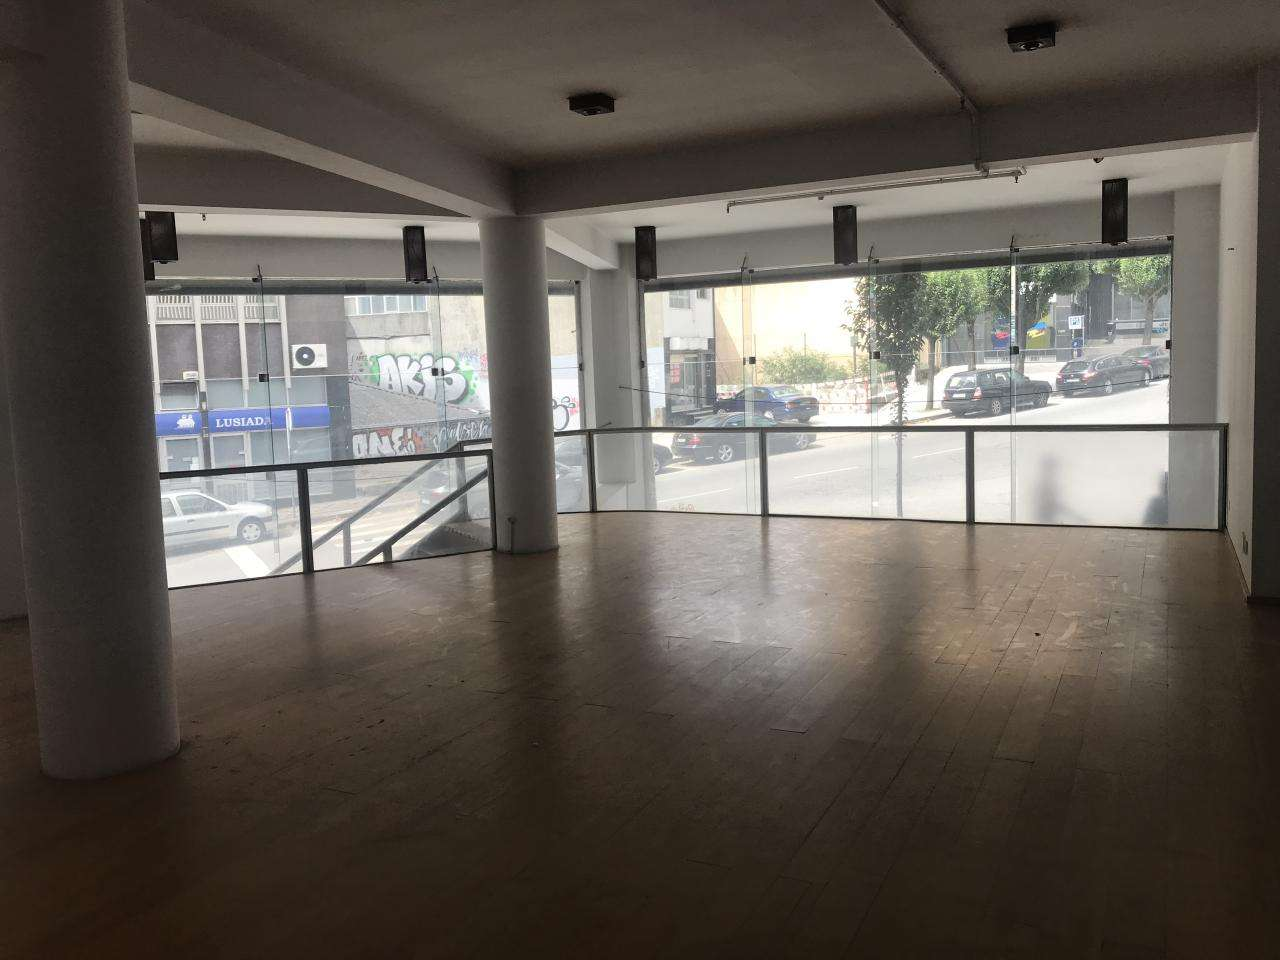 Loja para arrendar, Cedofeita, Santo Ildefonso, Sé, Miragaia, São Nicolau e Vitória, Porto - Foto 5